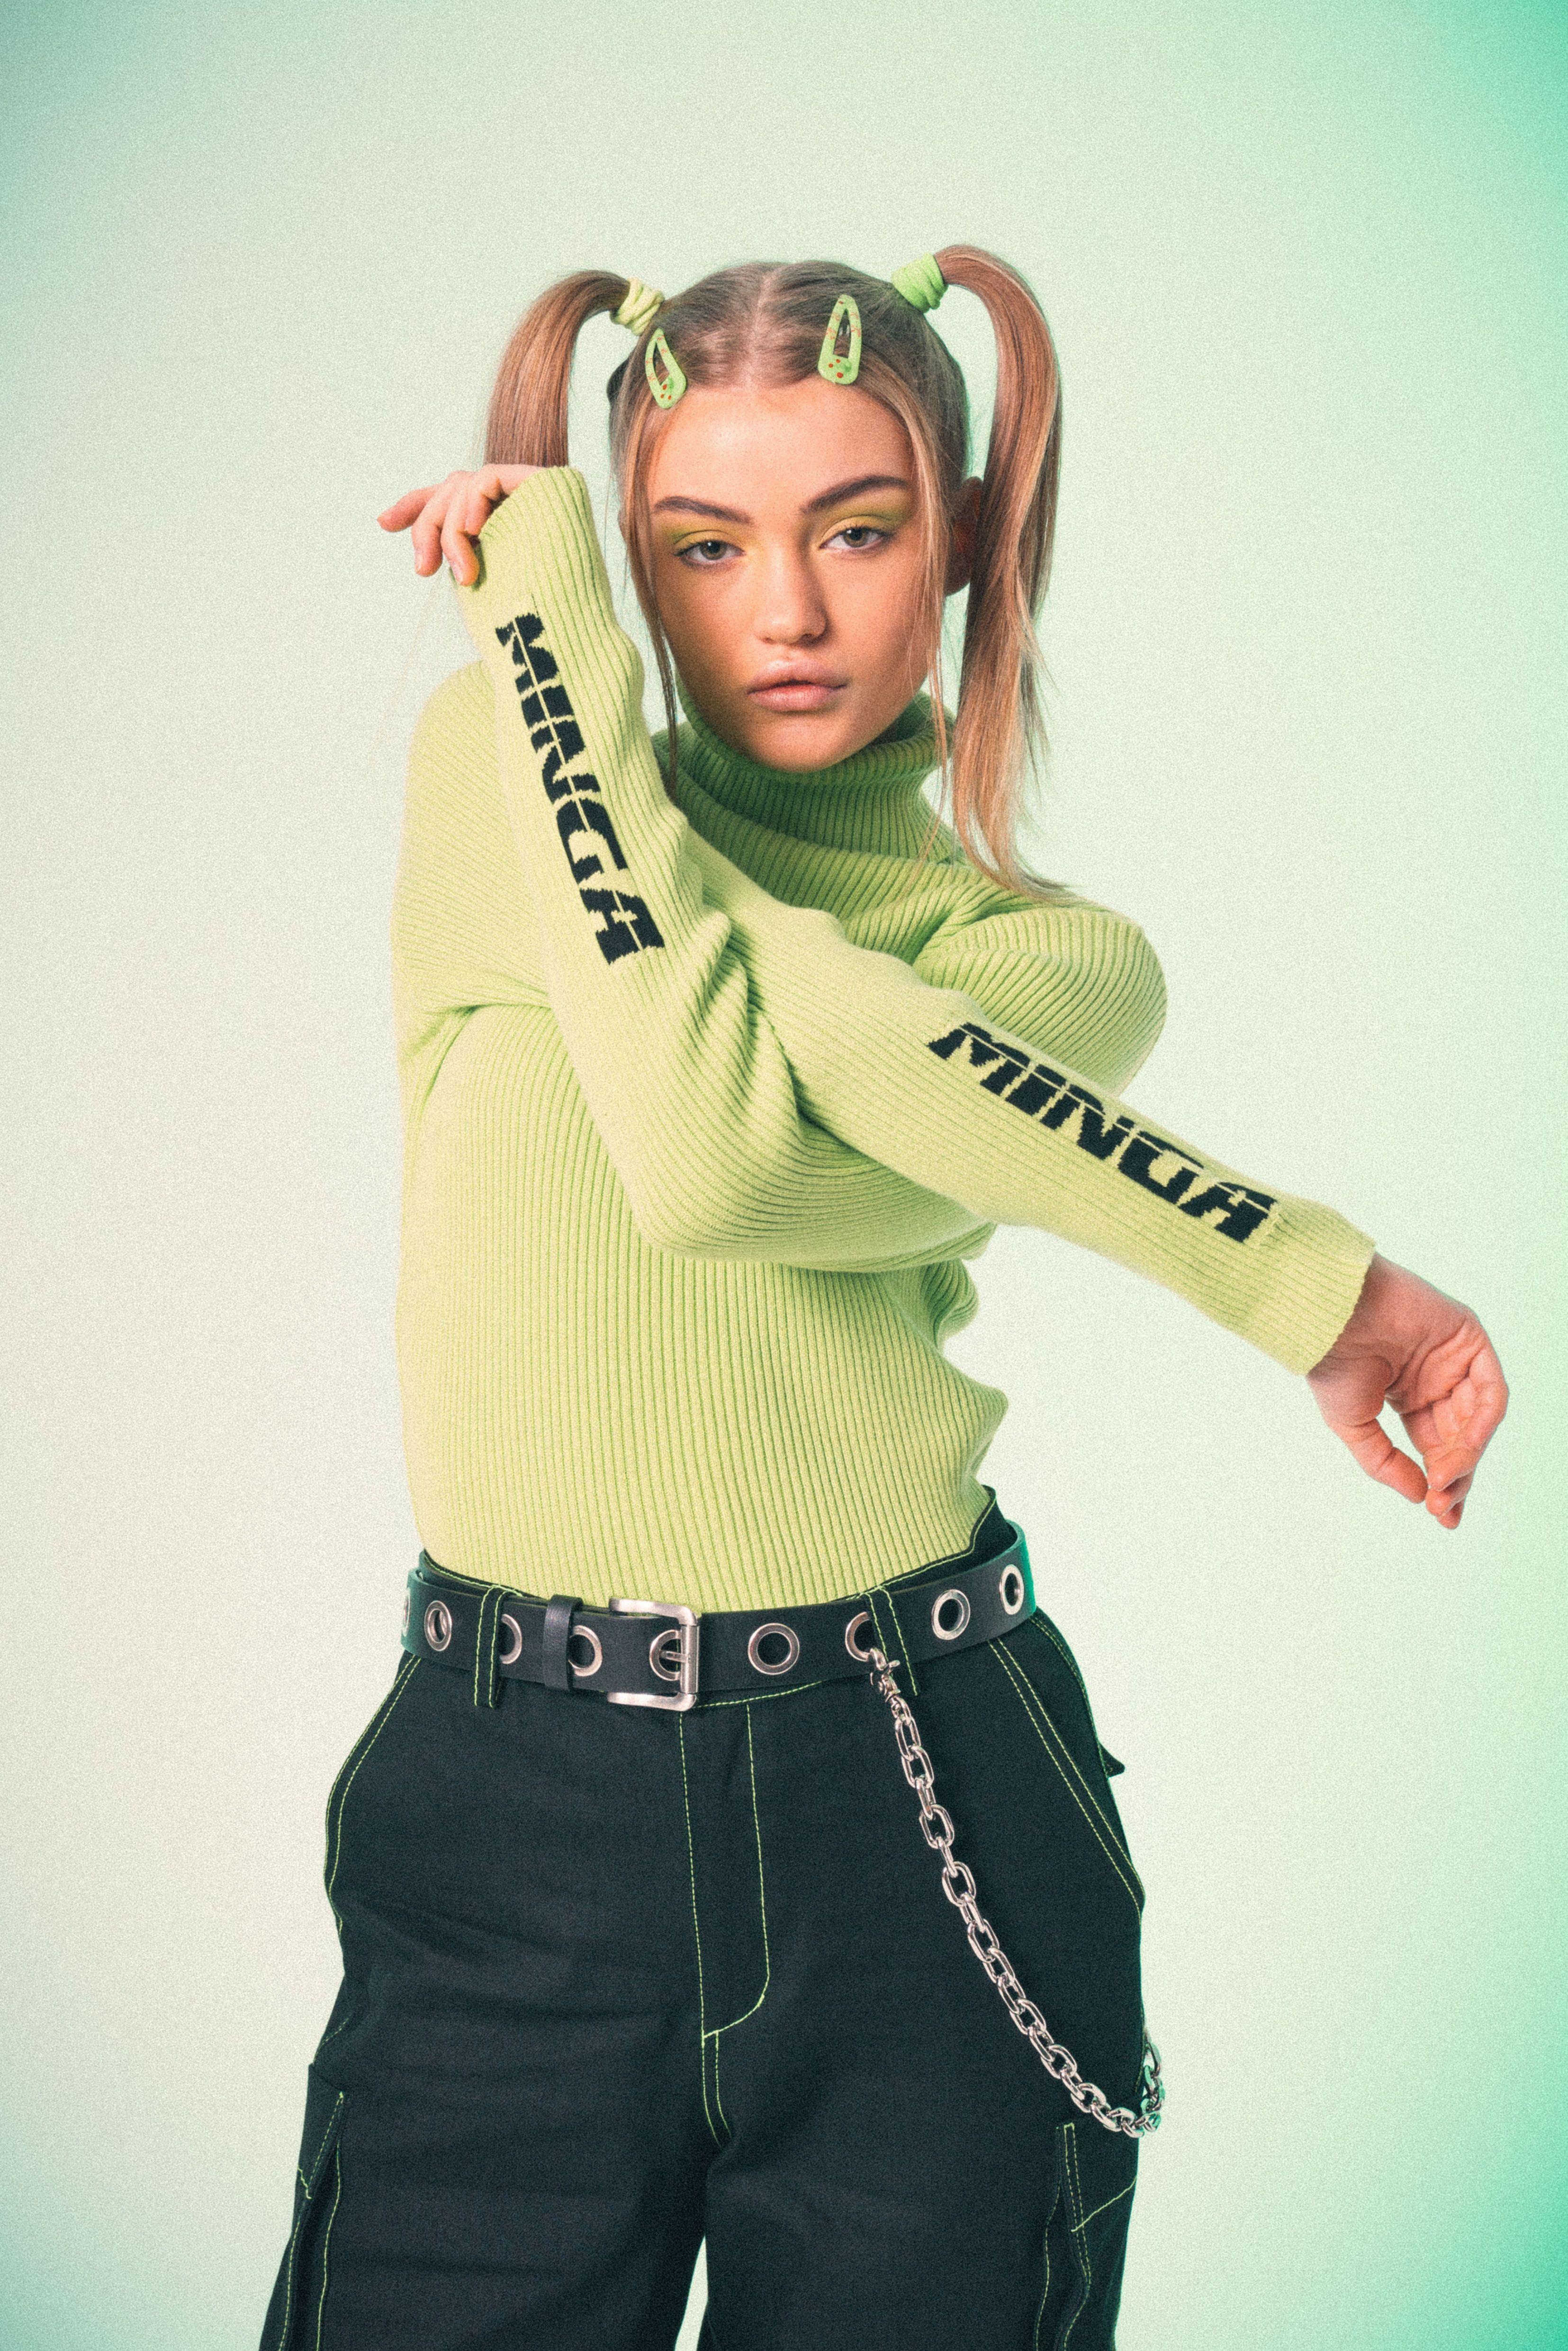 2005s Fashion Outfits In 2021 2000s Fashion Outfits Fashion 90s Fashion Trending